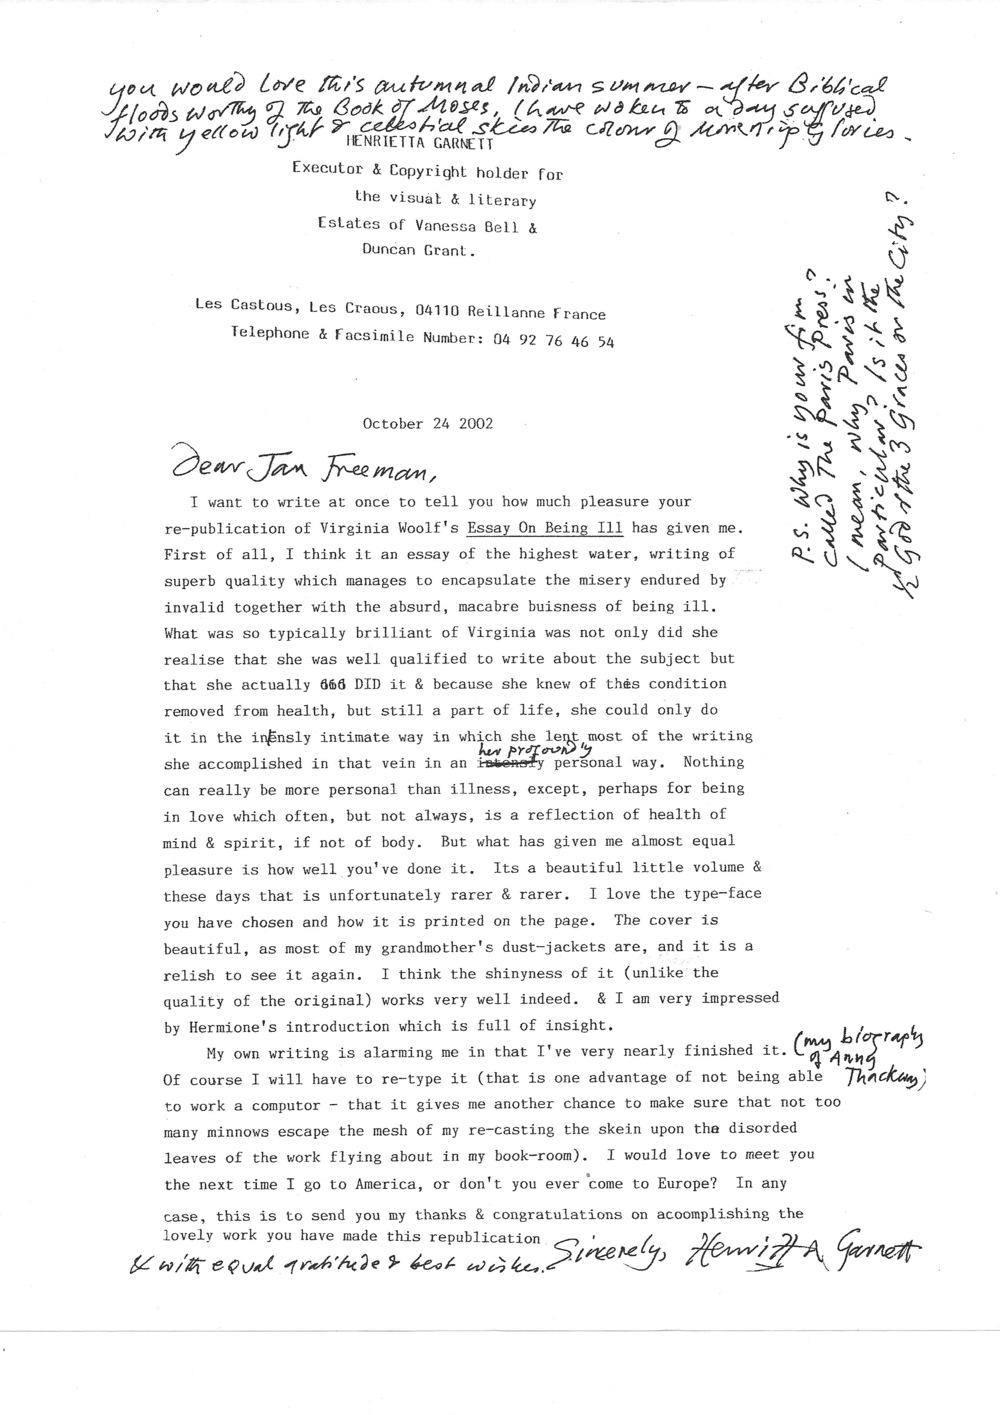 004 Type An Essay Online For Free Henrietta20garnett20letter20to20paris20press Stirring Where Can I Full